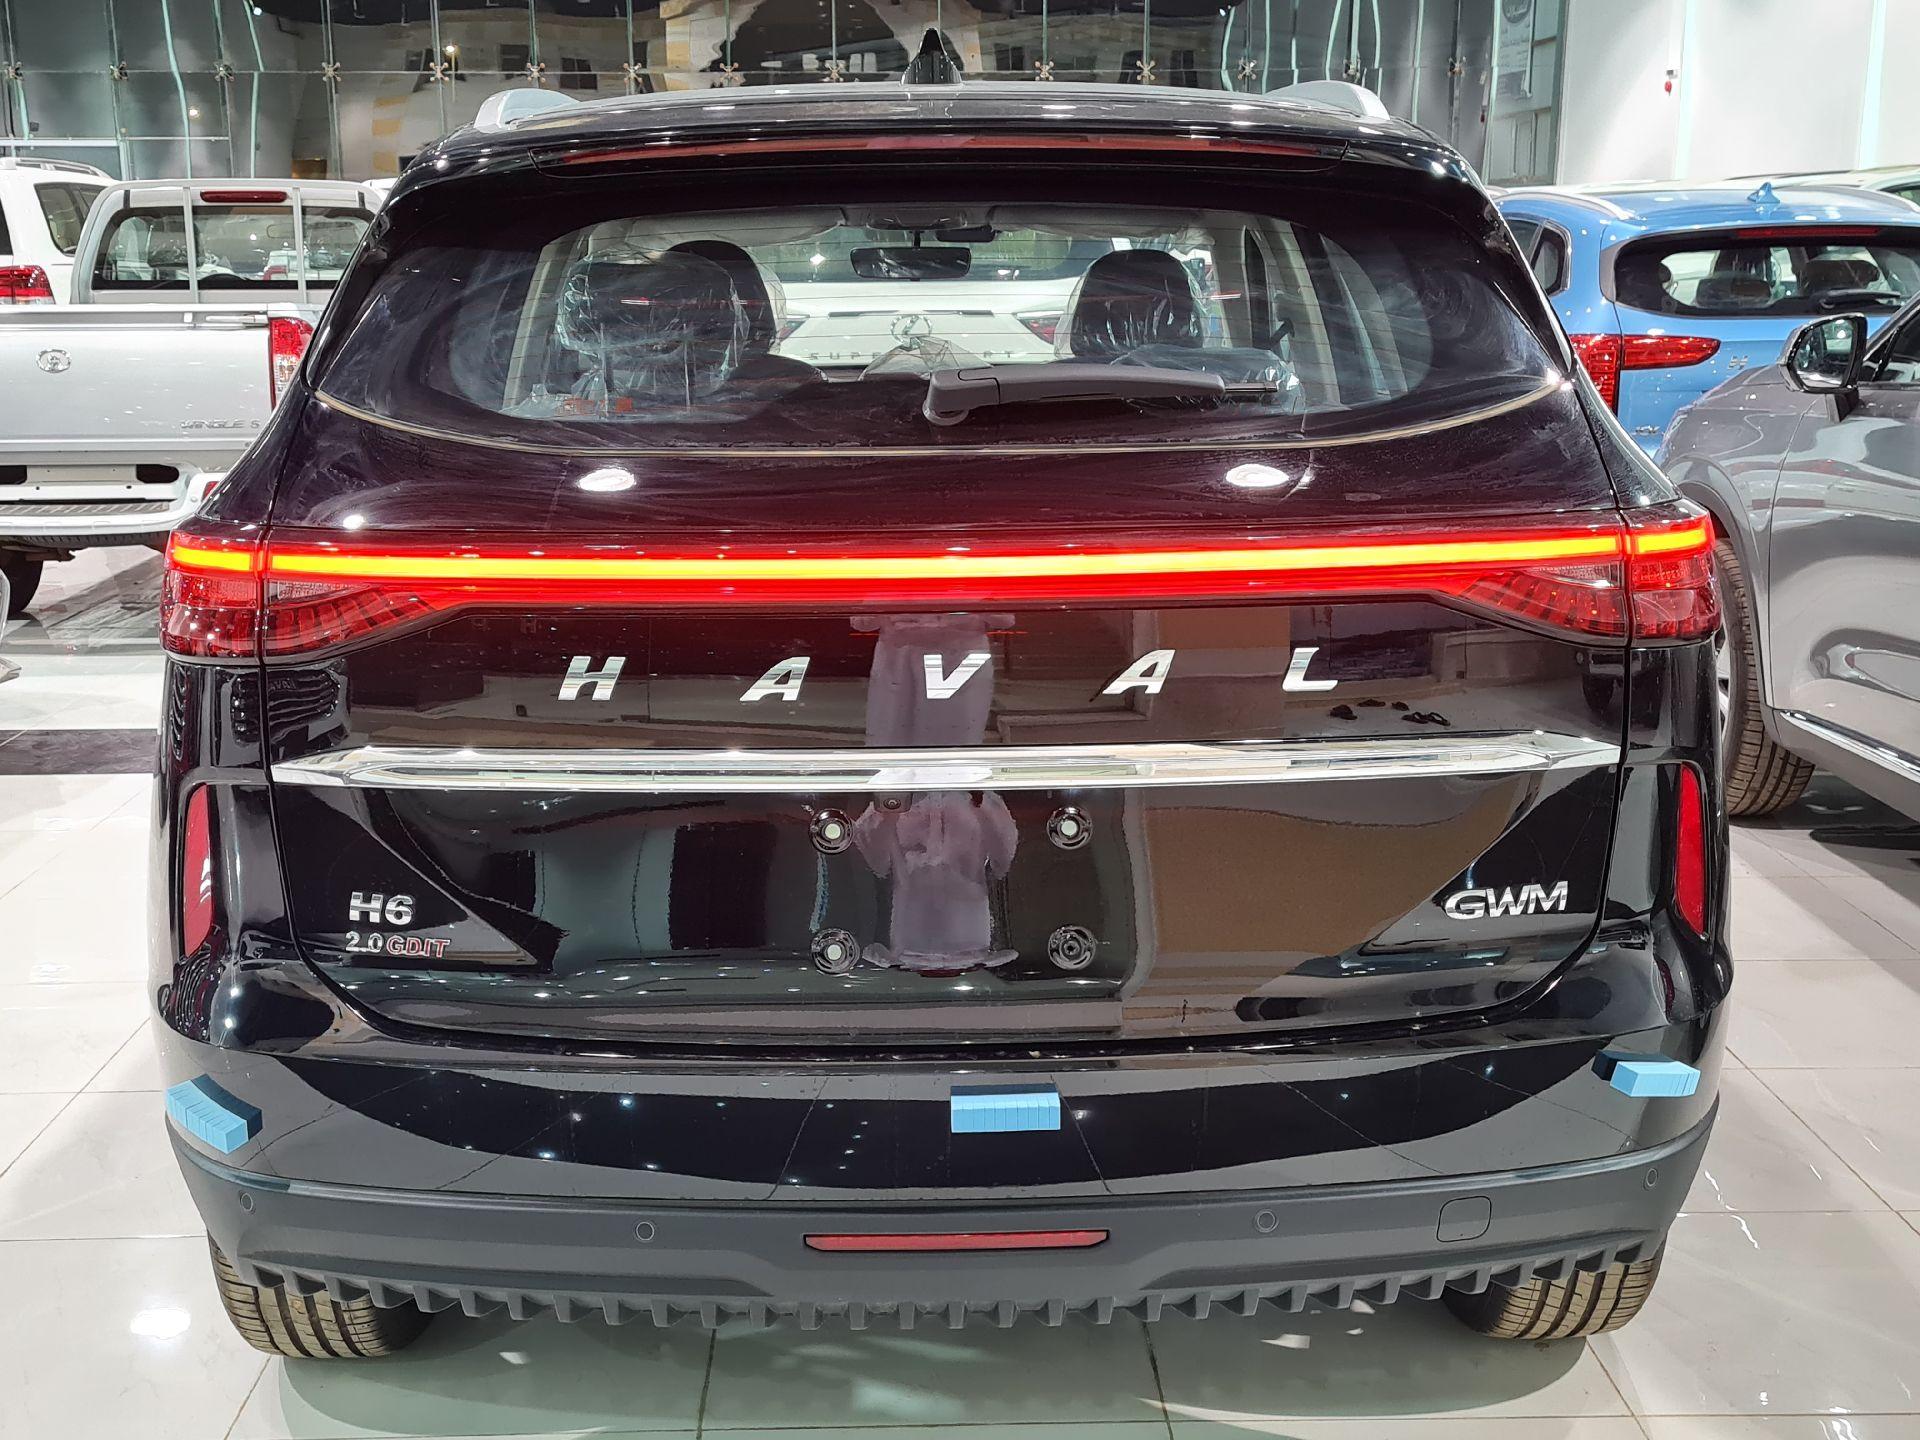 هافال H6 الشكل الجديد Basic 2022 ستاندر سعودي للبيع في الرياض - السعودية - صورة كبيرة - 6